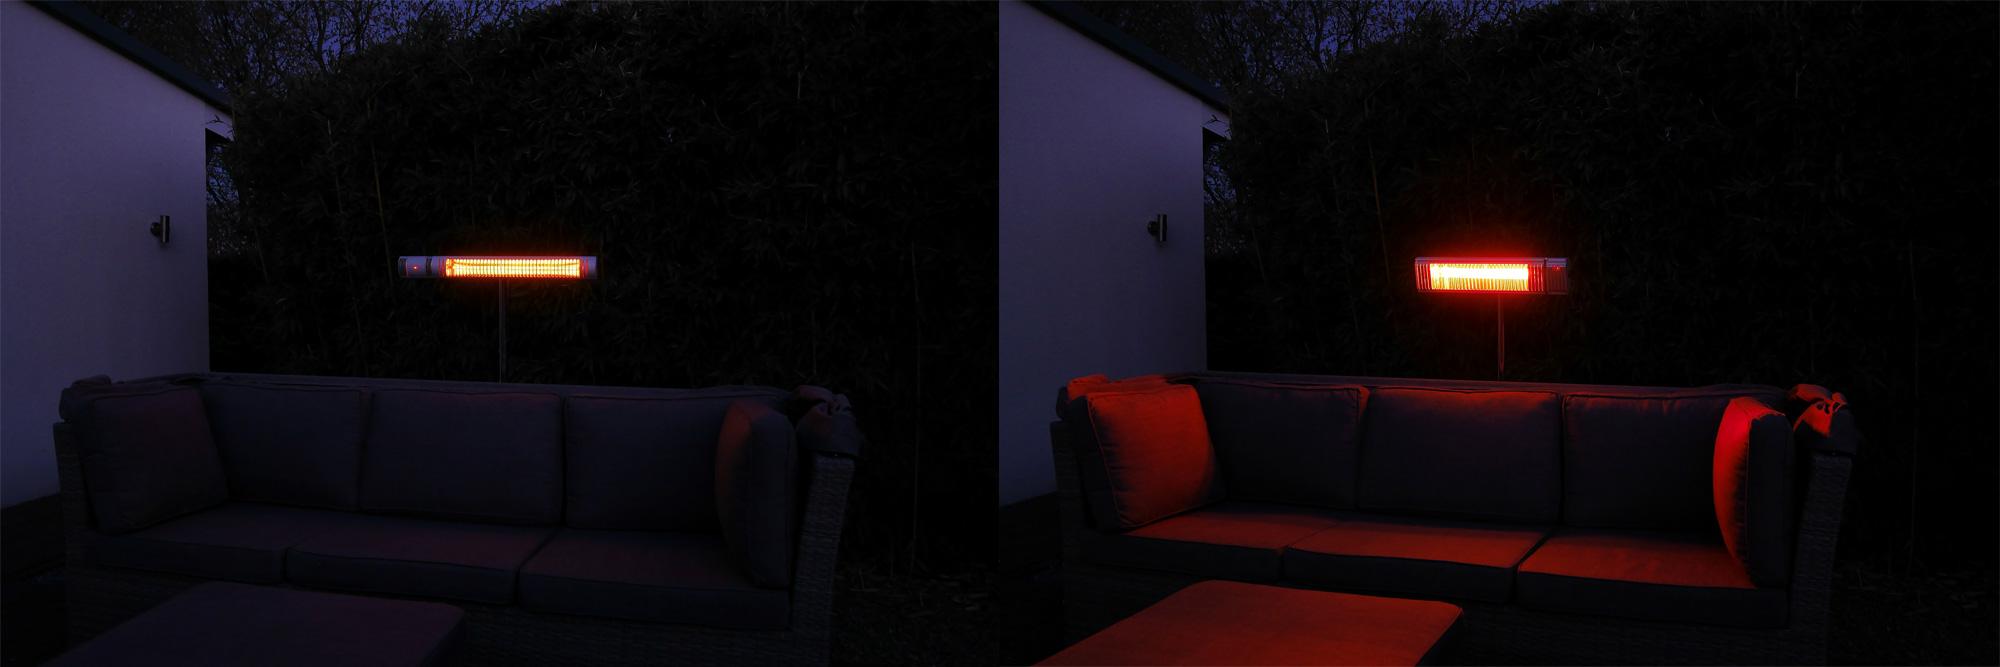 Elektro Heizstrahler Vergleich Licht Abgabe